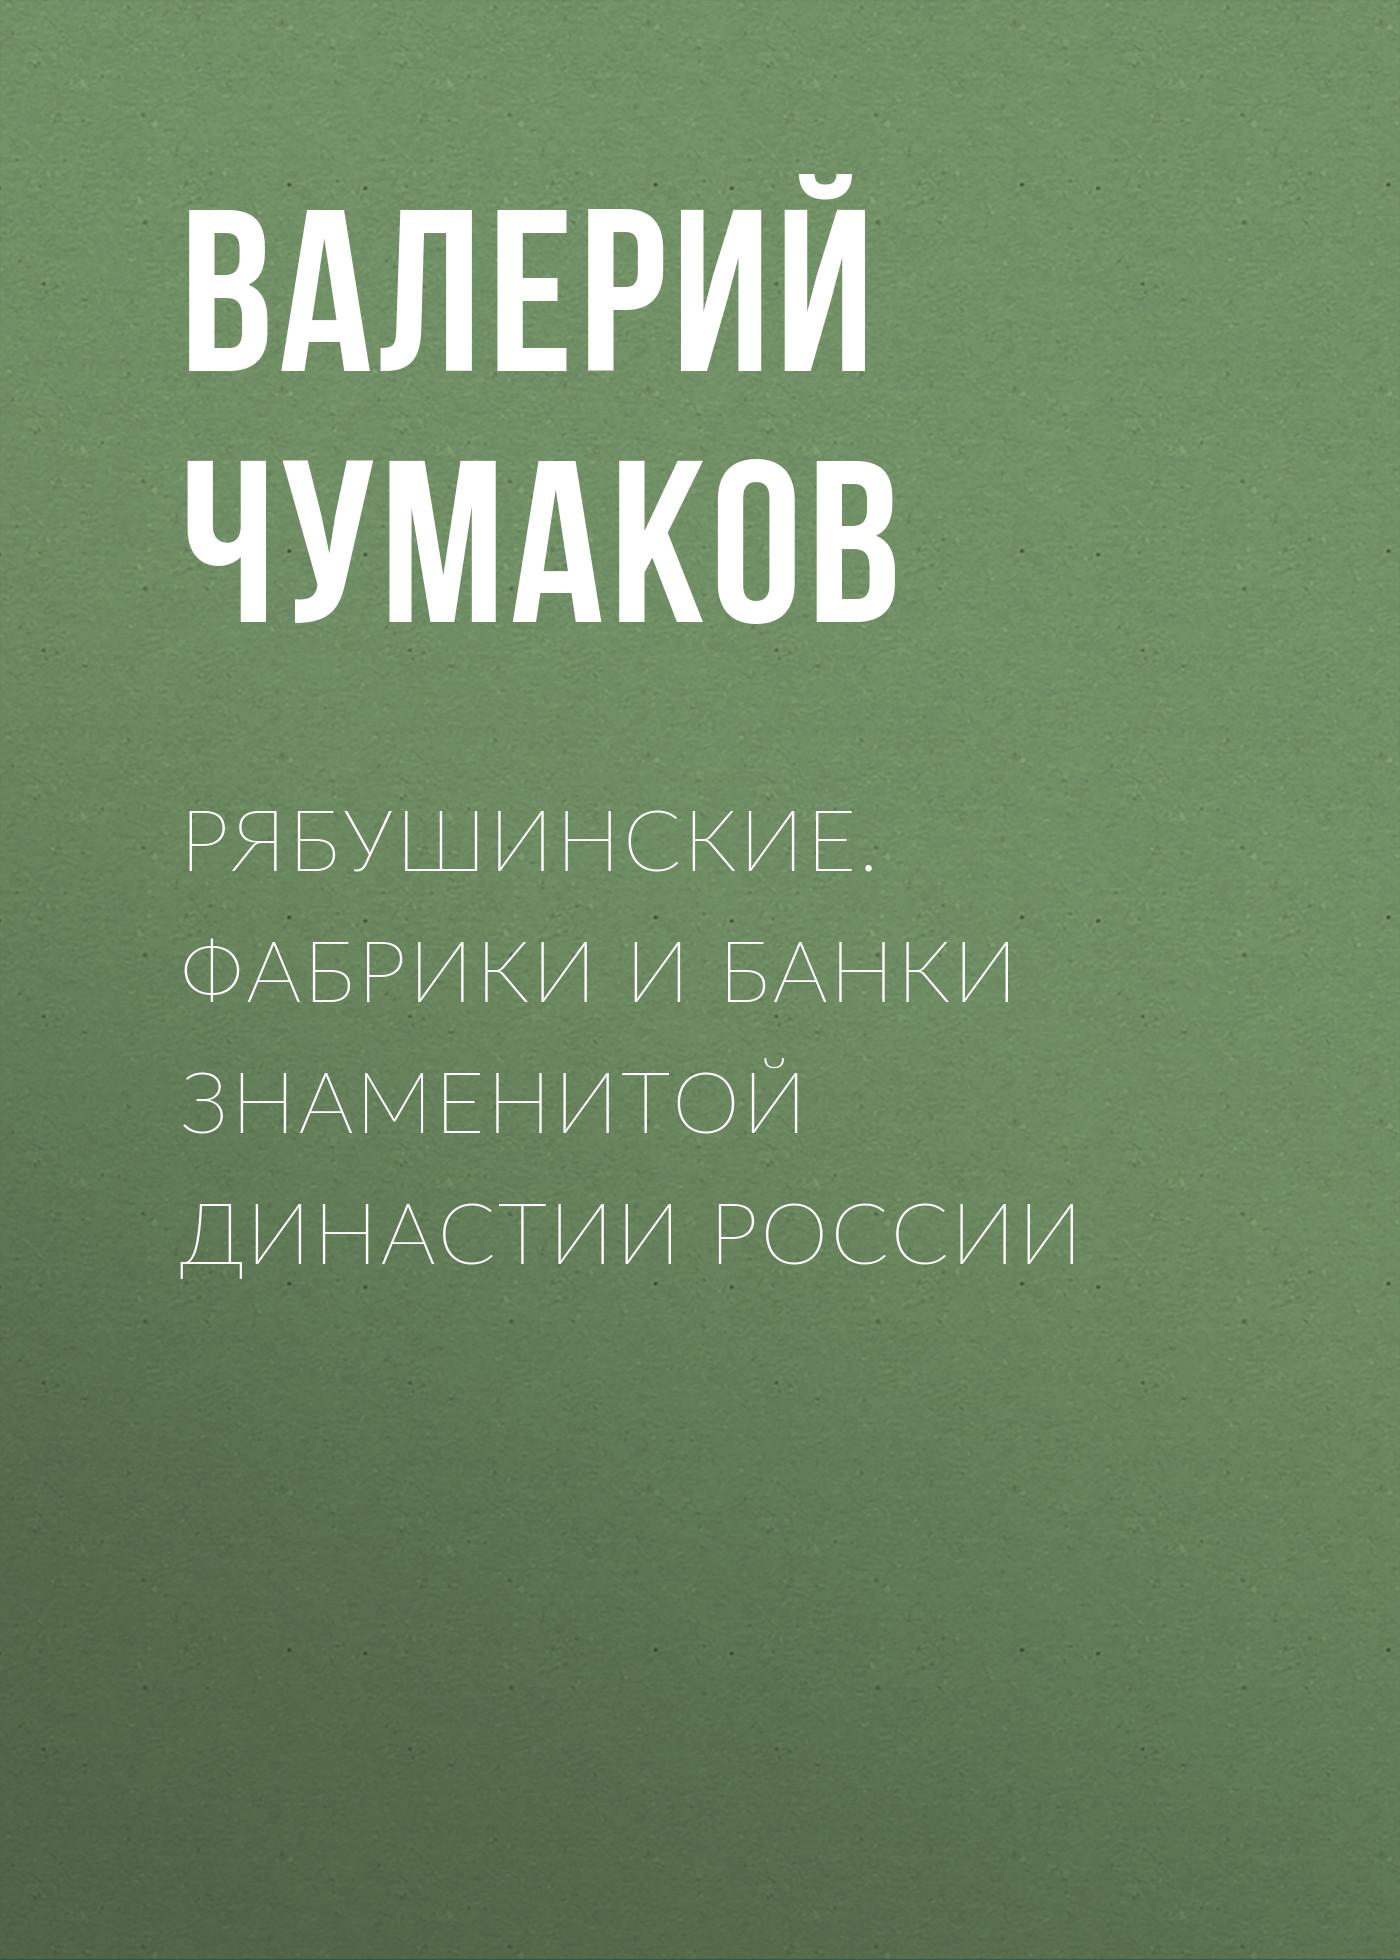 Рябушинские. Фабрики и банки знаменитой династии России